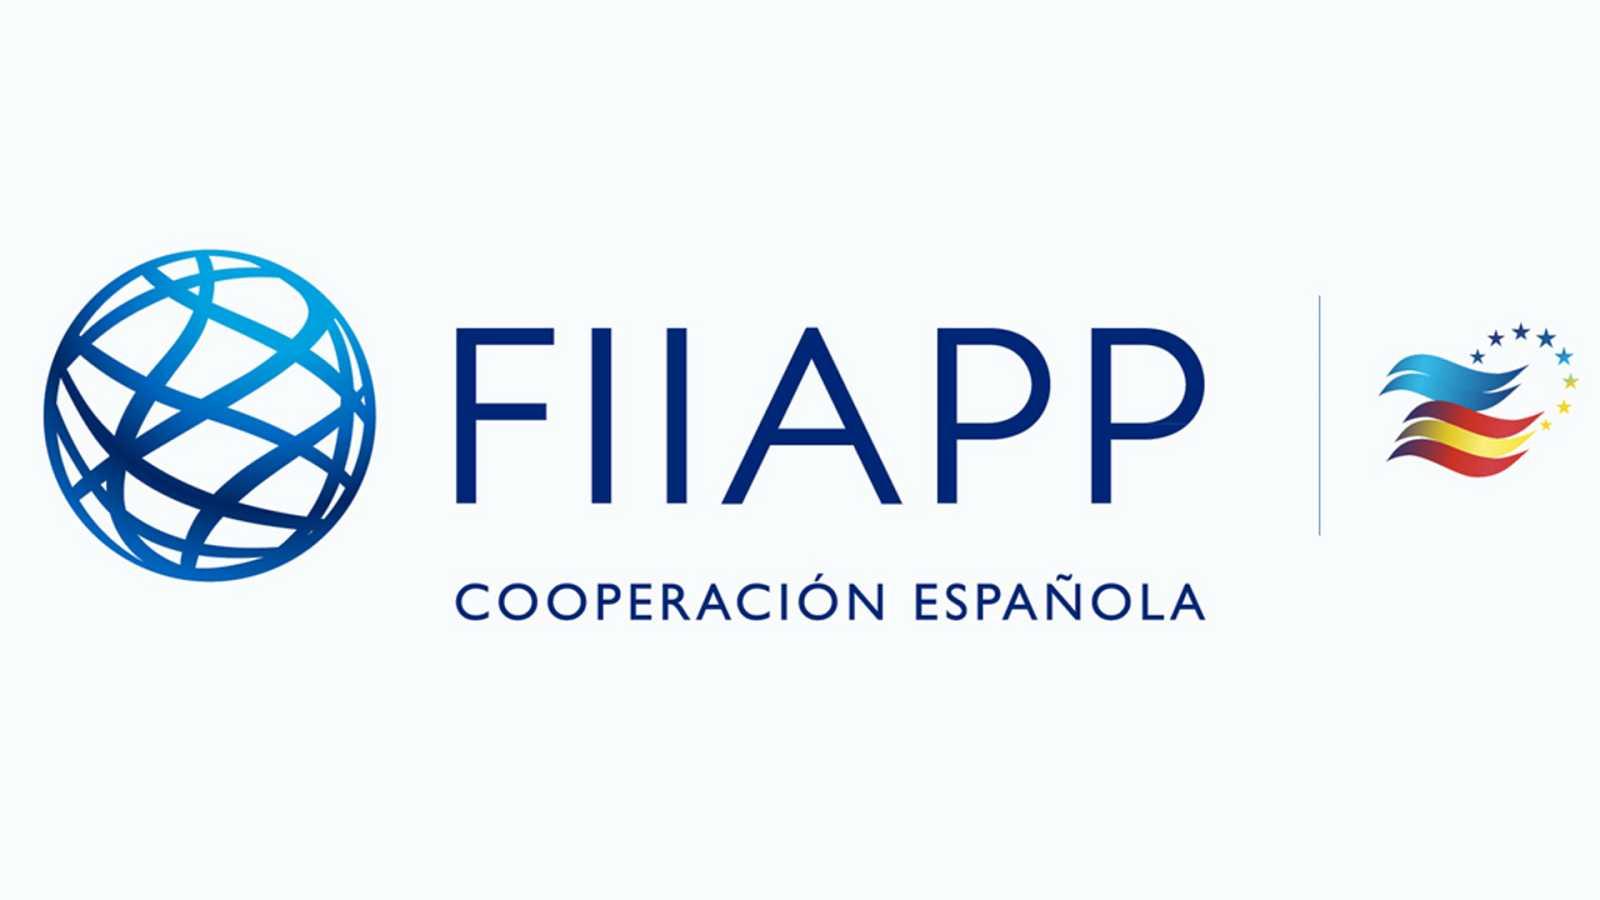 Cooperación pública en el mundp (FIIAPP) - Cooperación para el Desarrollo económico y el medio ambiente - 14/07/21 - escuchar ahora